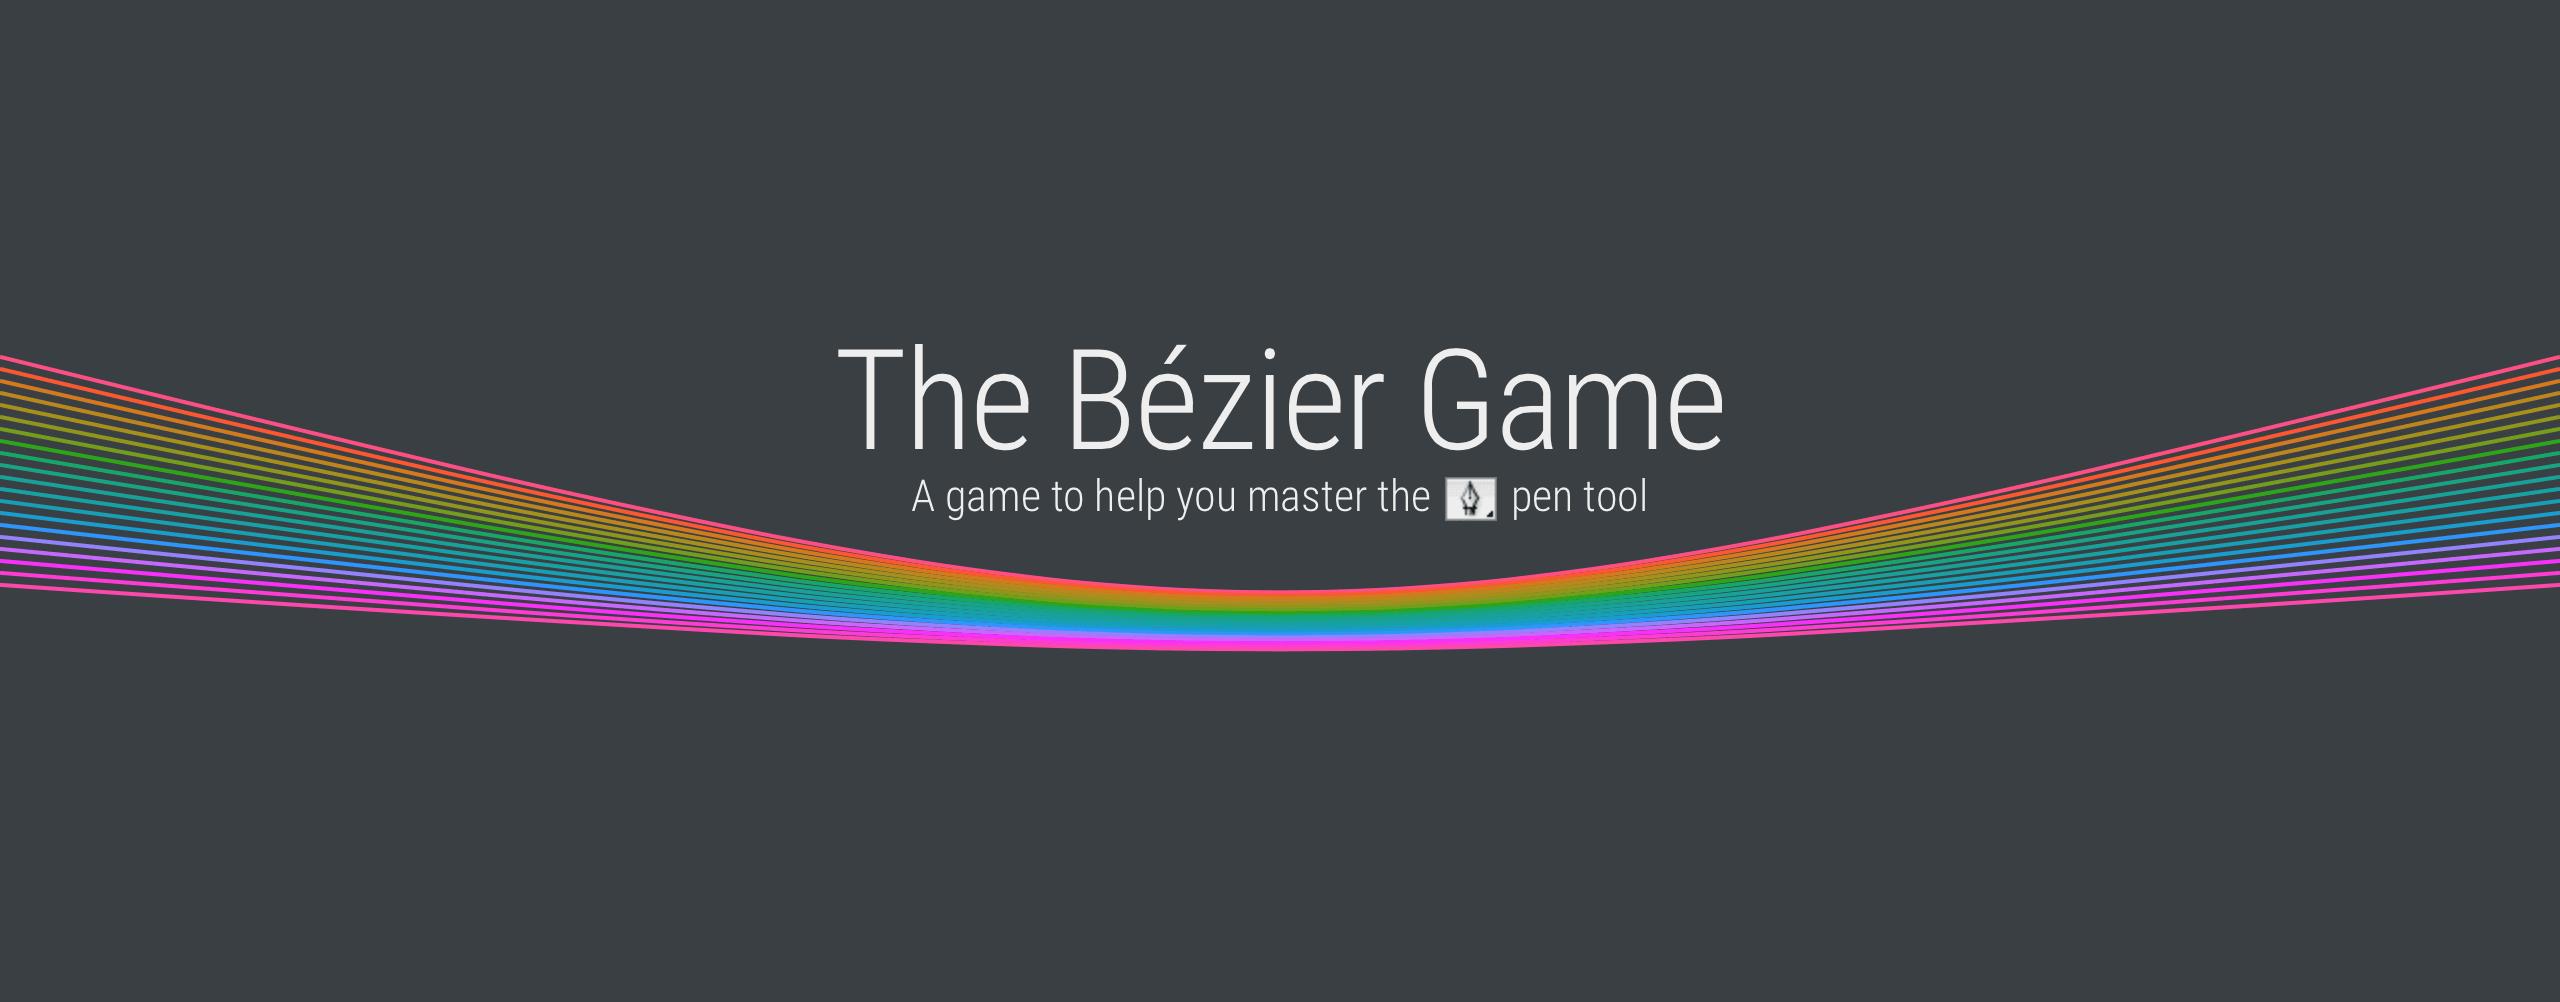 688f603952199e5380c5b81d10973ebc - Najlepšie hry pre grafikov VI. – Bézier game